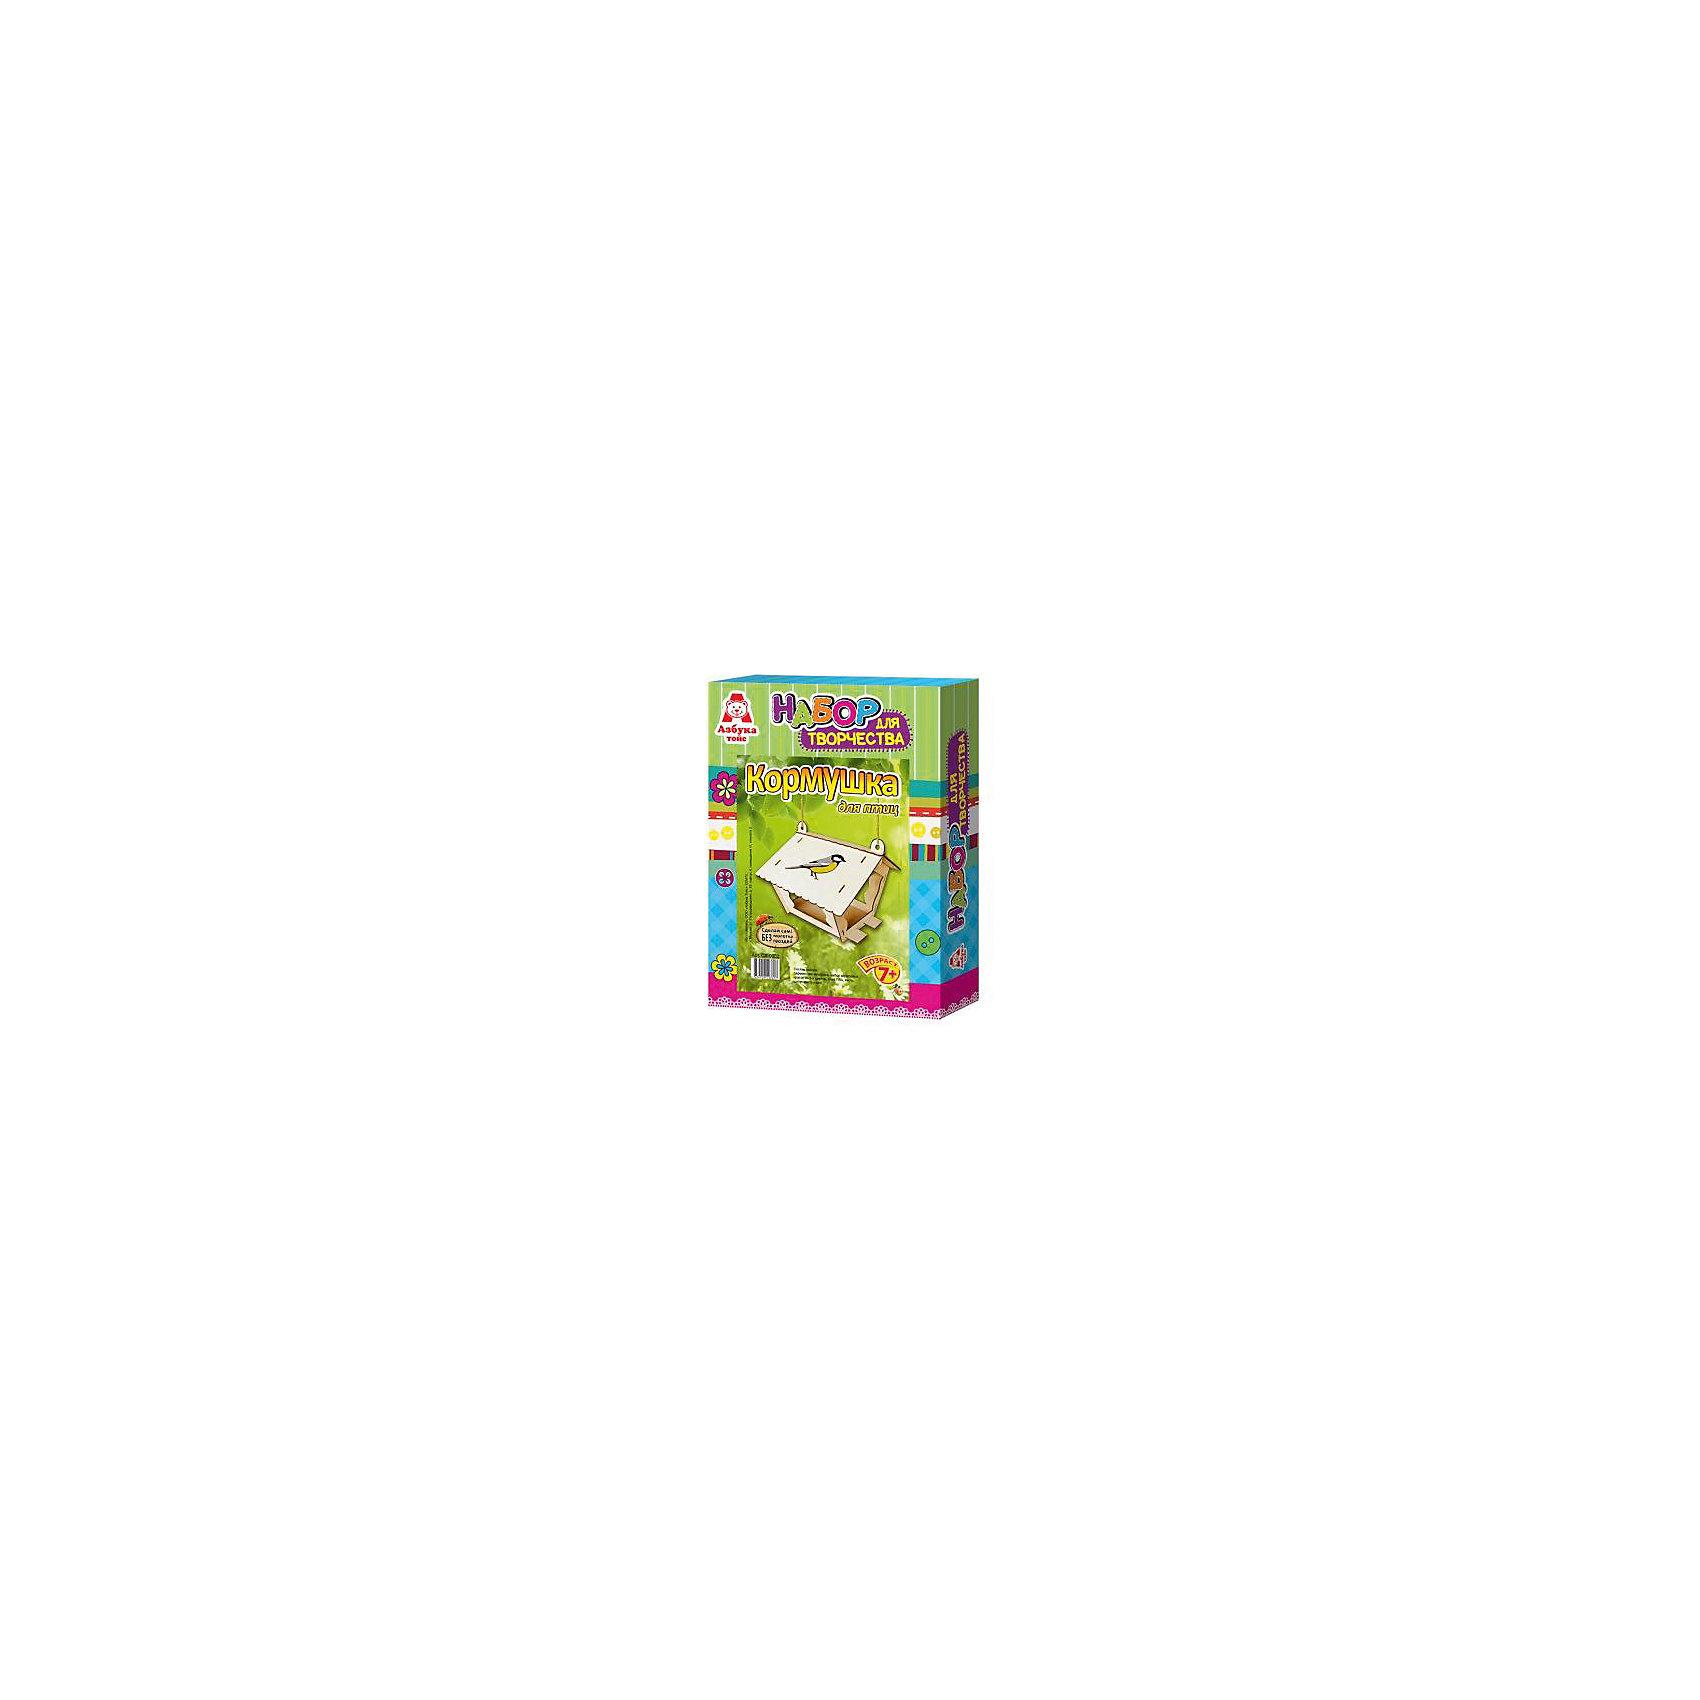 Кормушка-раскраска для птиц СиницаДеревянные модели<br>Кормушка-раскраска для птиц Синица<br><br>Характеристики:<br><br>• серия: Сделай сам;<br>• материал: фанера;<br>• размер упаковки: 28х5х21 см;<br>• вес: 398 г.<br><br>Набор для творчества позволяет детям старше 7 лет своими руками сделать кормушку для синичек и других птичек. При изготовлении конструкции кормушки не требуется использовать молоток и гвозди. Готовое изделие можно раскрасить акриловыми красками, входящими в комплект набора. <br><br>Комплектация игрового набора Азбука Тойс:<br><br>• деревянная заготовка; <br>• набор акриловых красок, 3 цвета;<br>• клей ПВА, кисть; <br>• шнур;<br>• инструкция. <br><br>Кормушку-раскраску для птиц Синица можно купить в нашем интернет-магазине.<br><br>Ширина мм: 280<br>Глубина мм: 50<br>Высота мм: 210<br>Вес г: 398<br>Возраст от месяцев: 84<br>Возраст до месяцев: 144<br>Пол: Унисекс<br>Возраст: Детский<br>SKU: 5062919